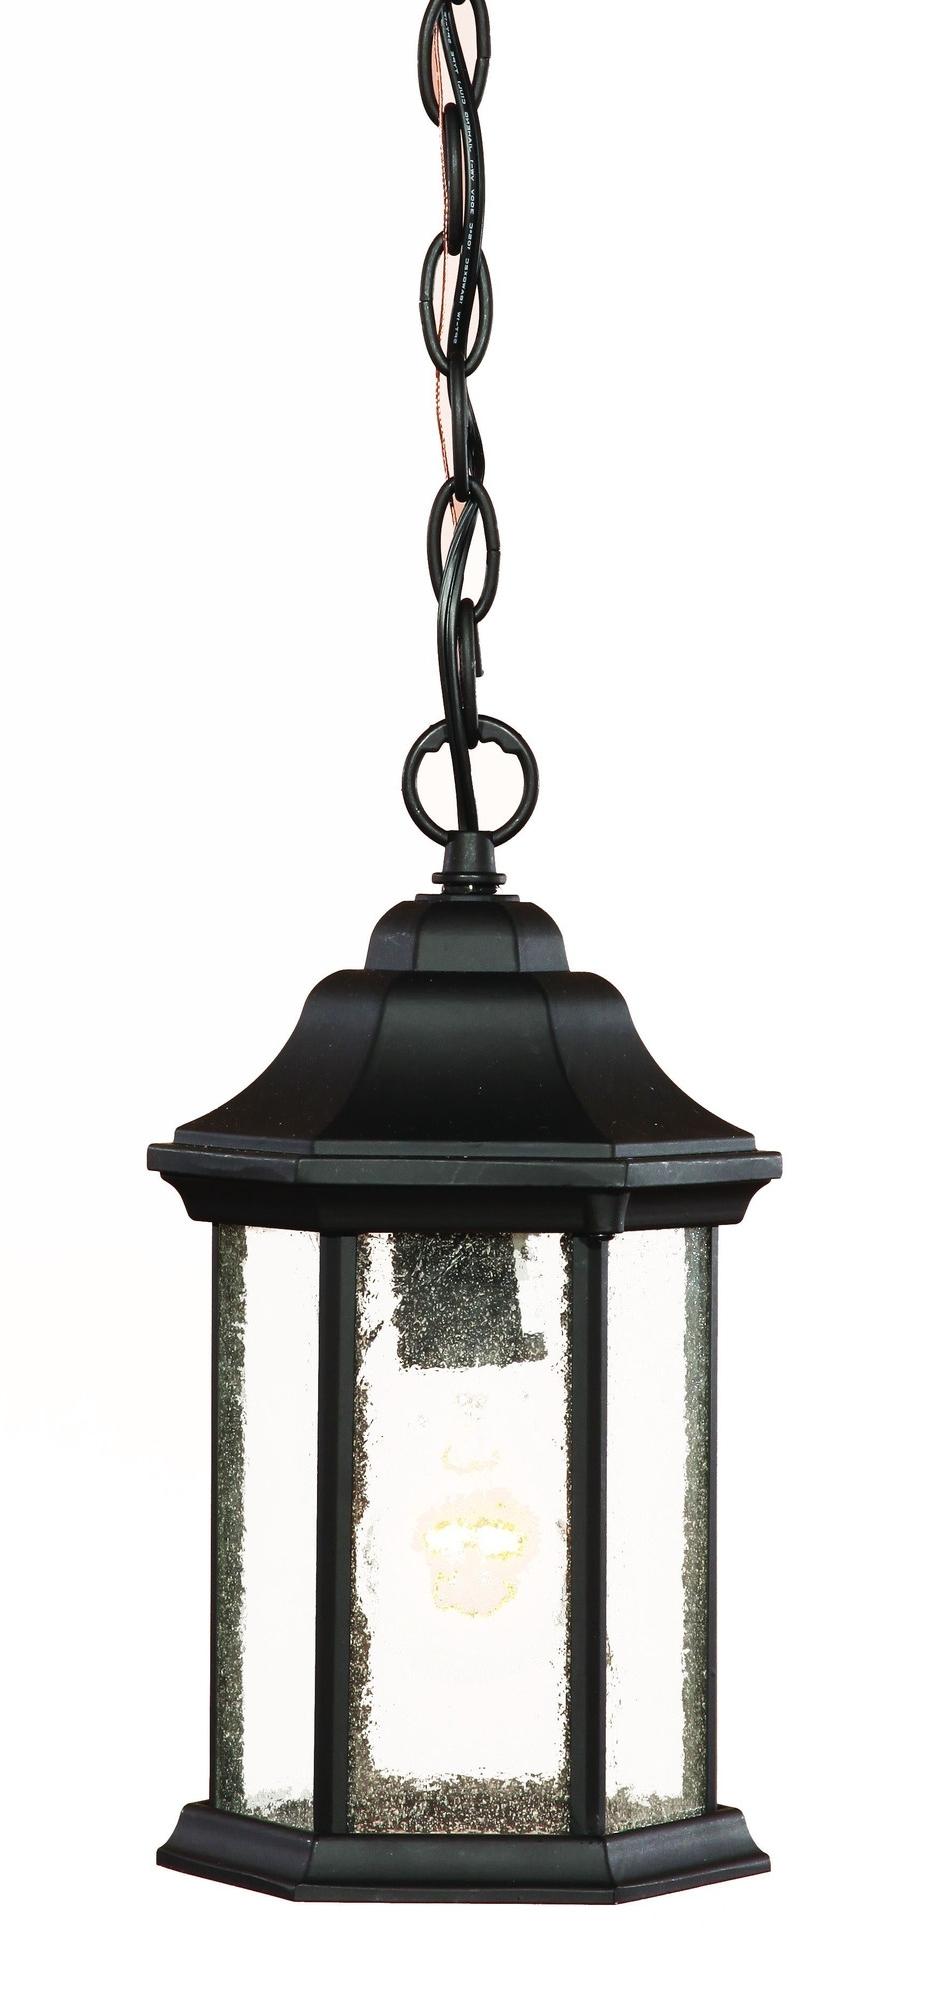 Newest Wayfair Outdoor Hanging Lighting Fixtures For $ (View 13 of 20)